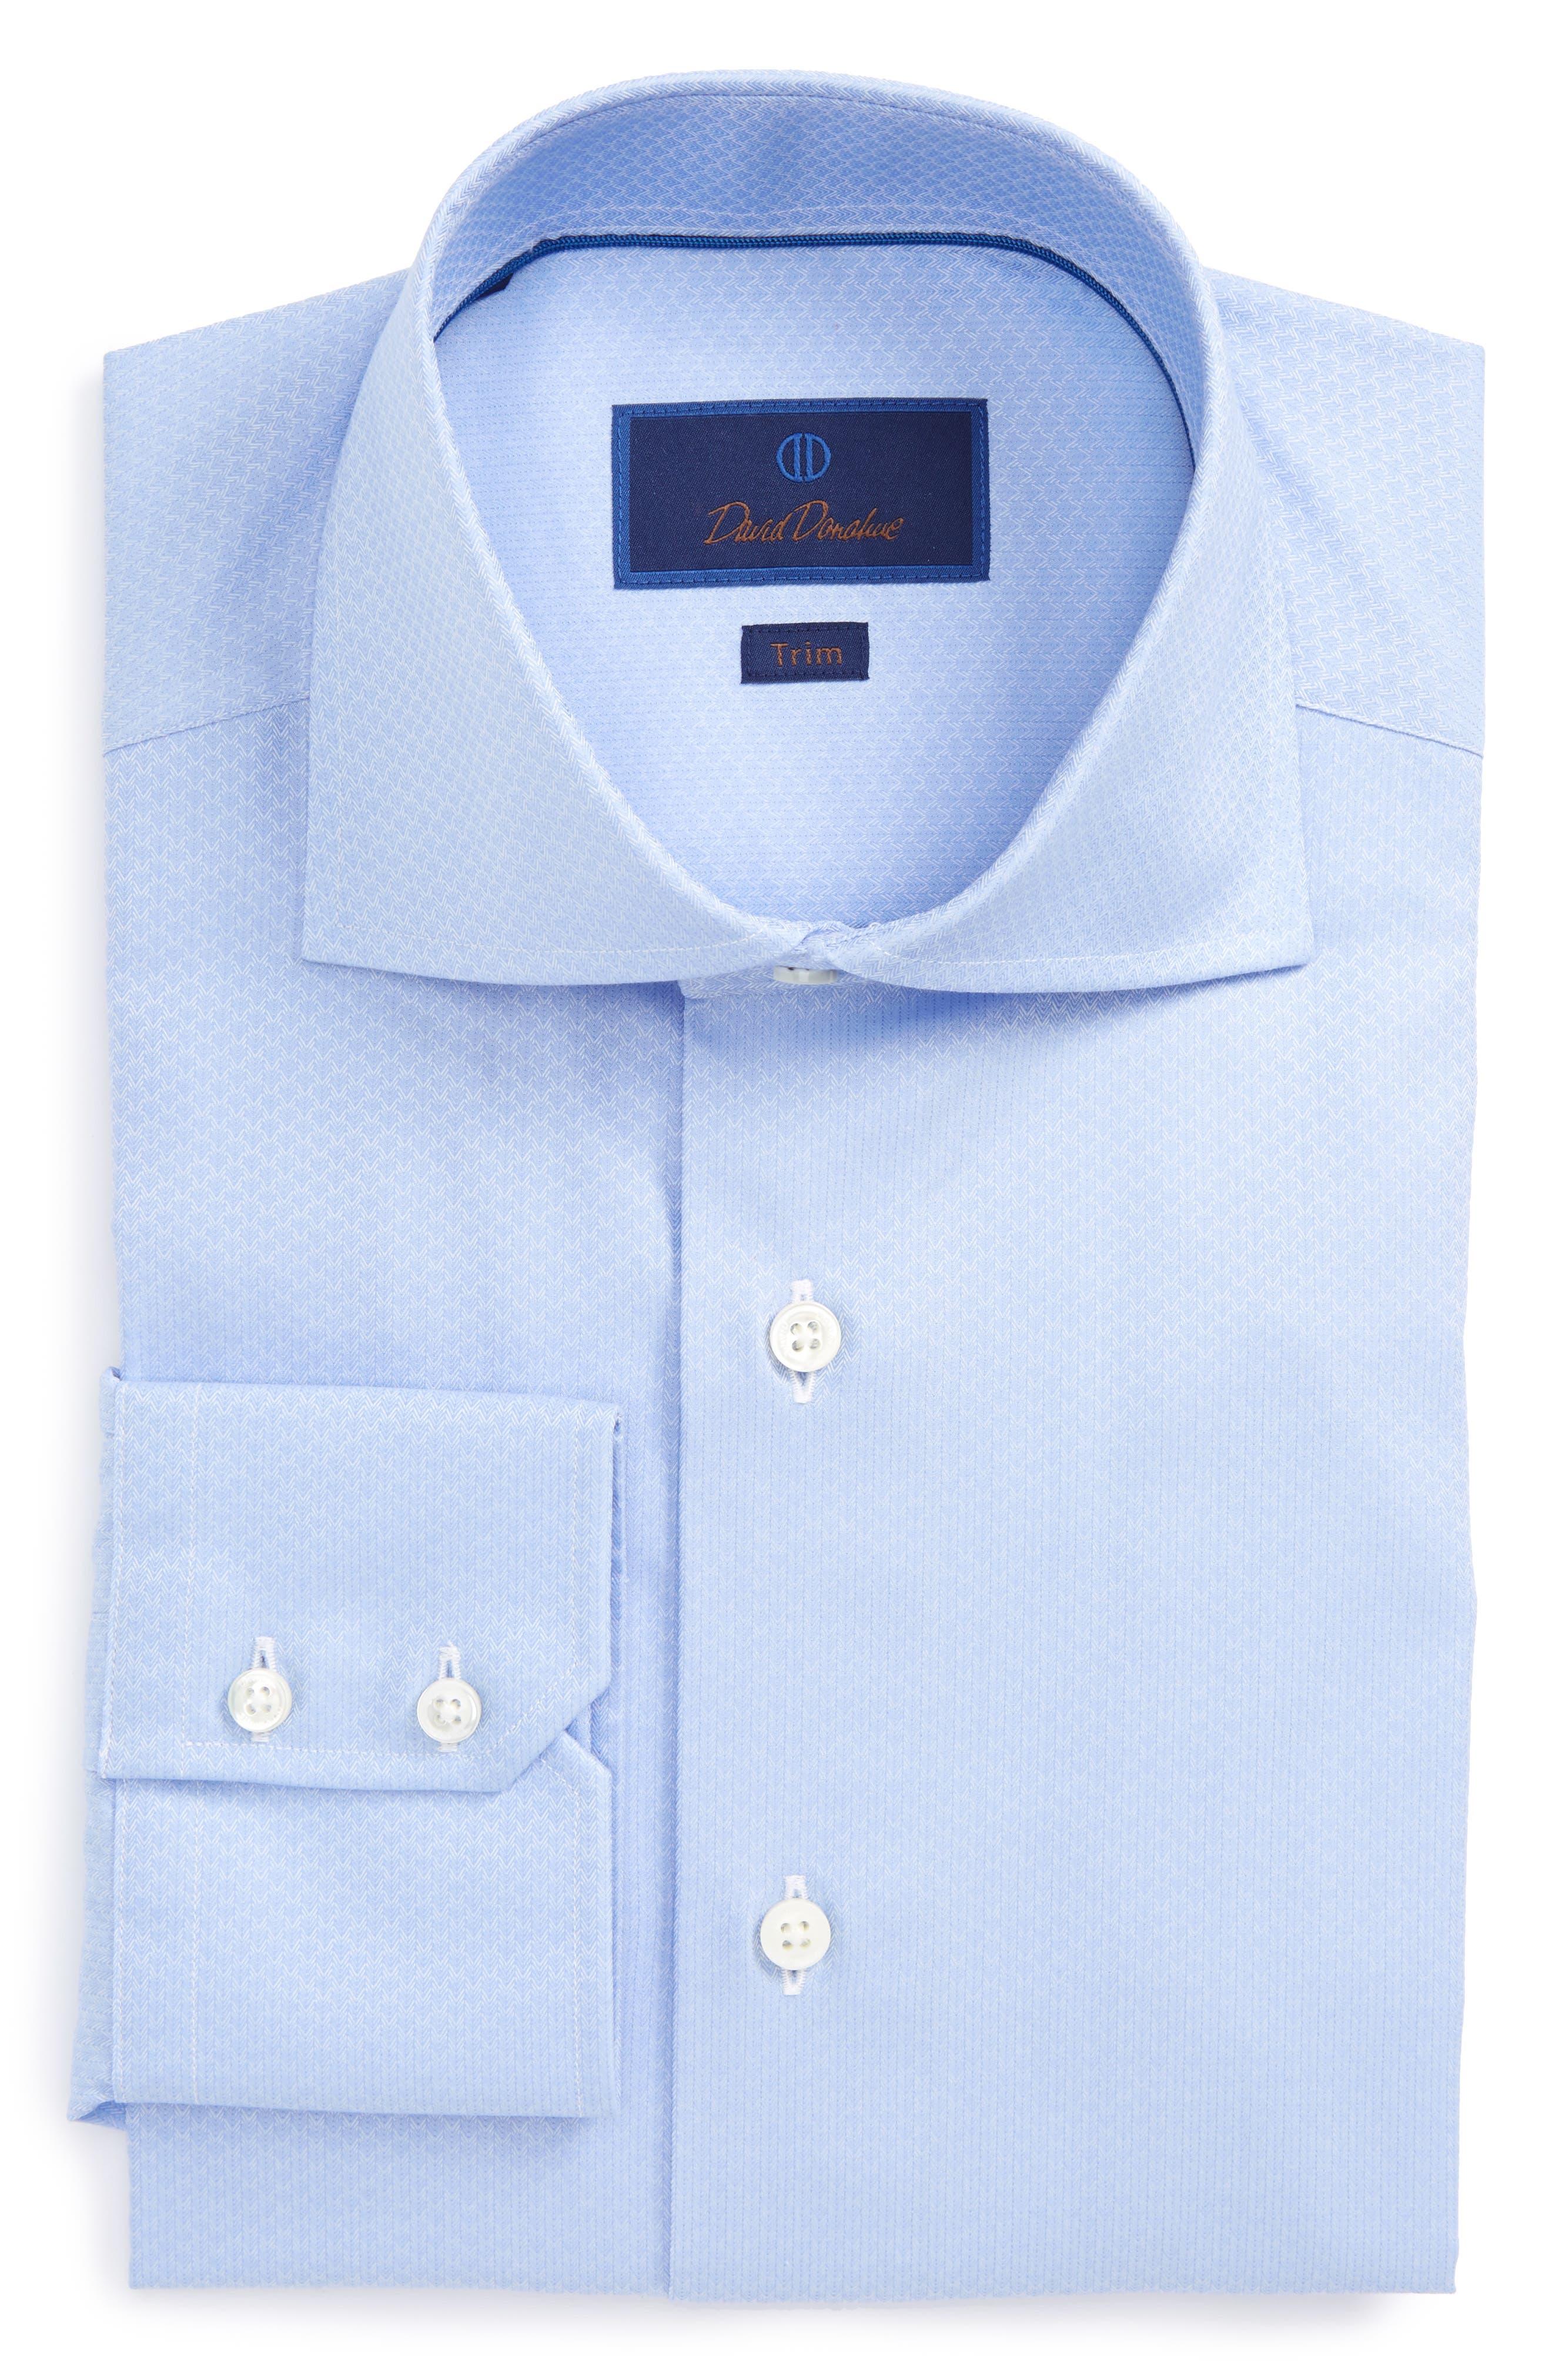 Trim Fit Herringbone Weave Dress Shirt,                             Main thumbnail 1, color,                             423